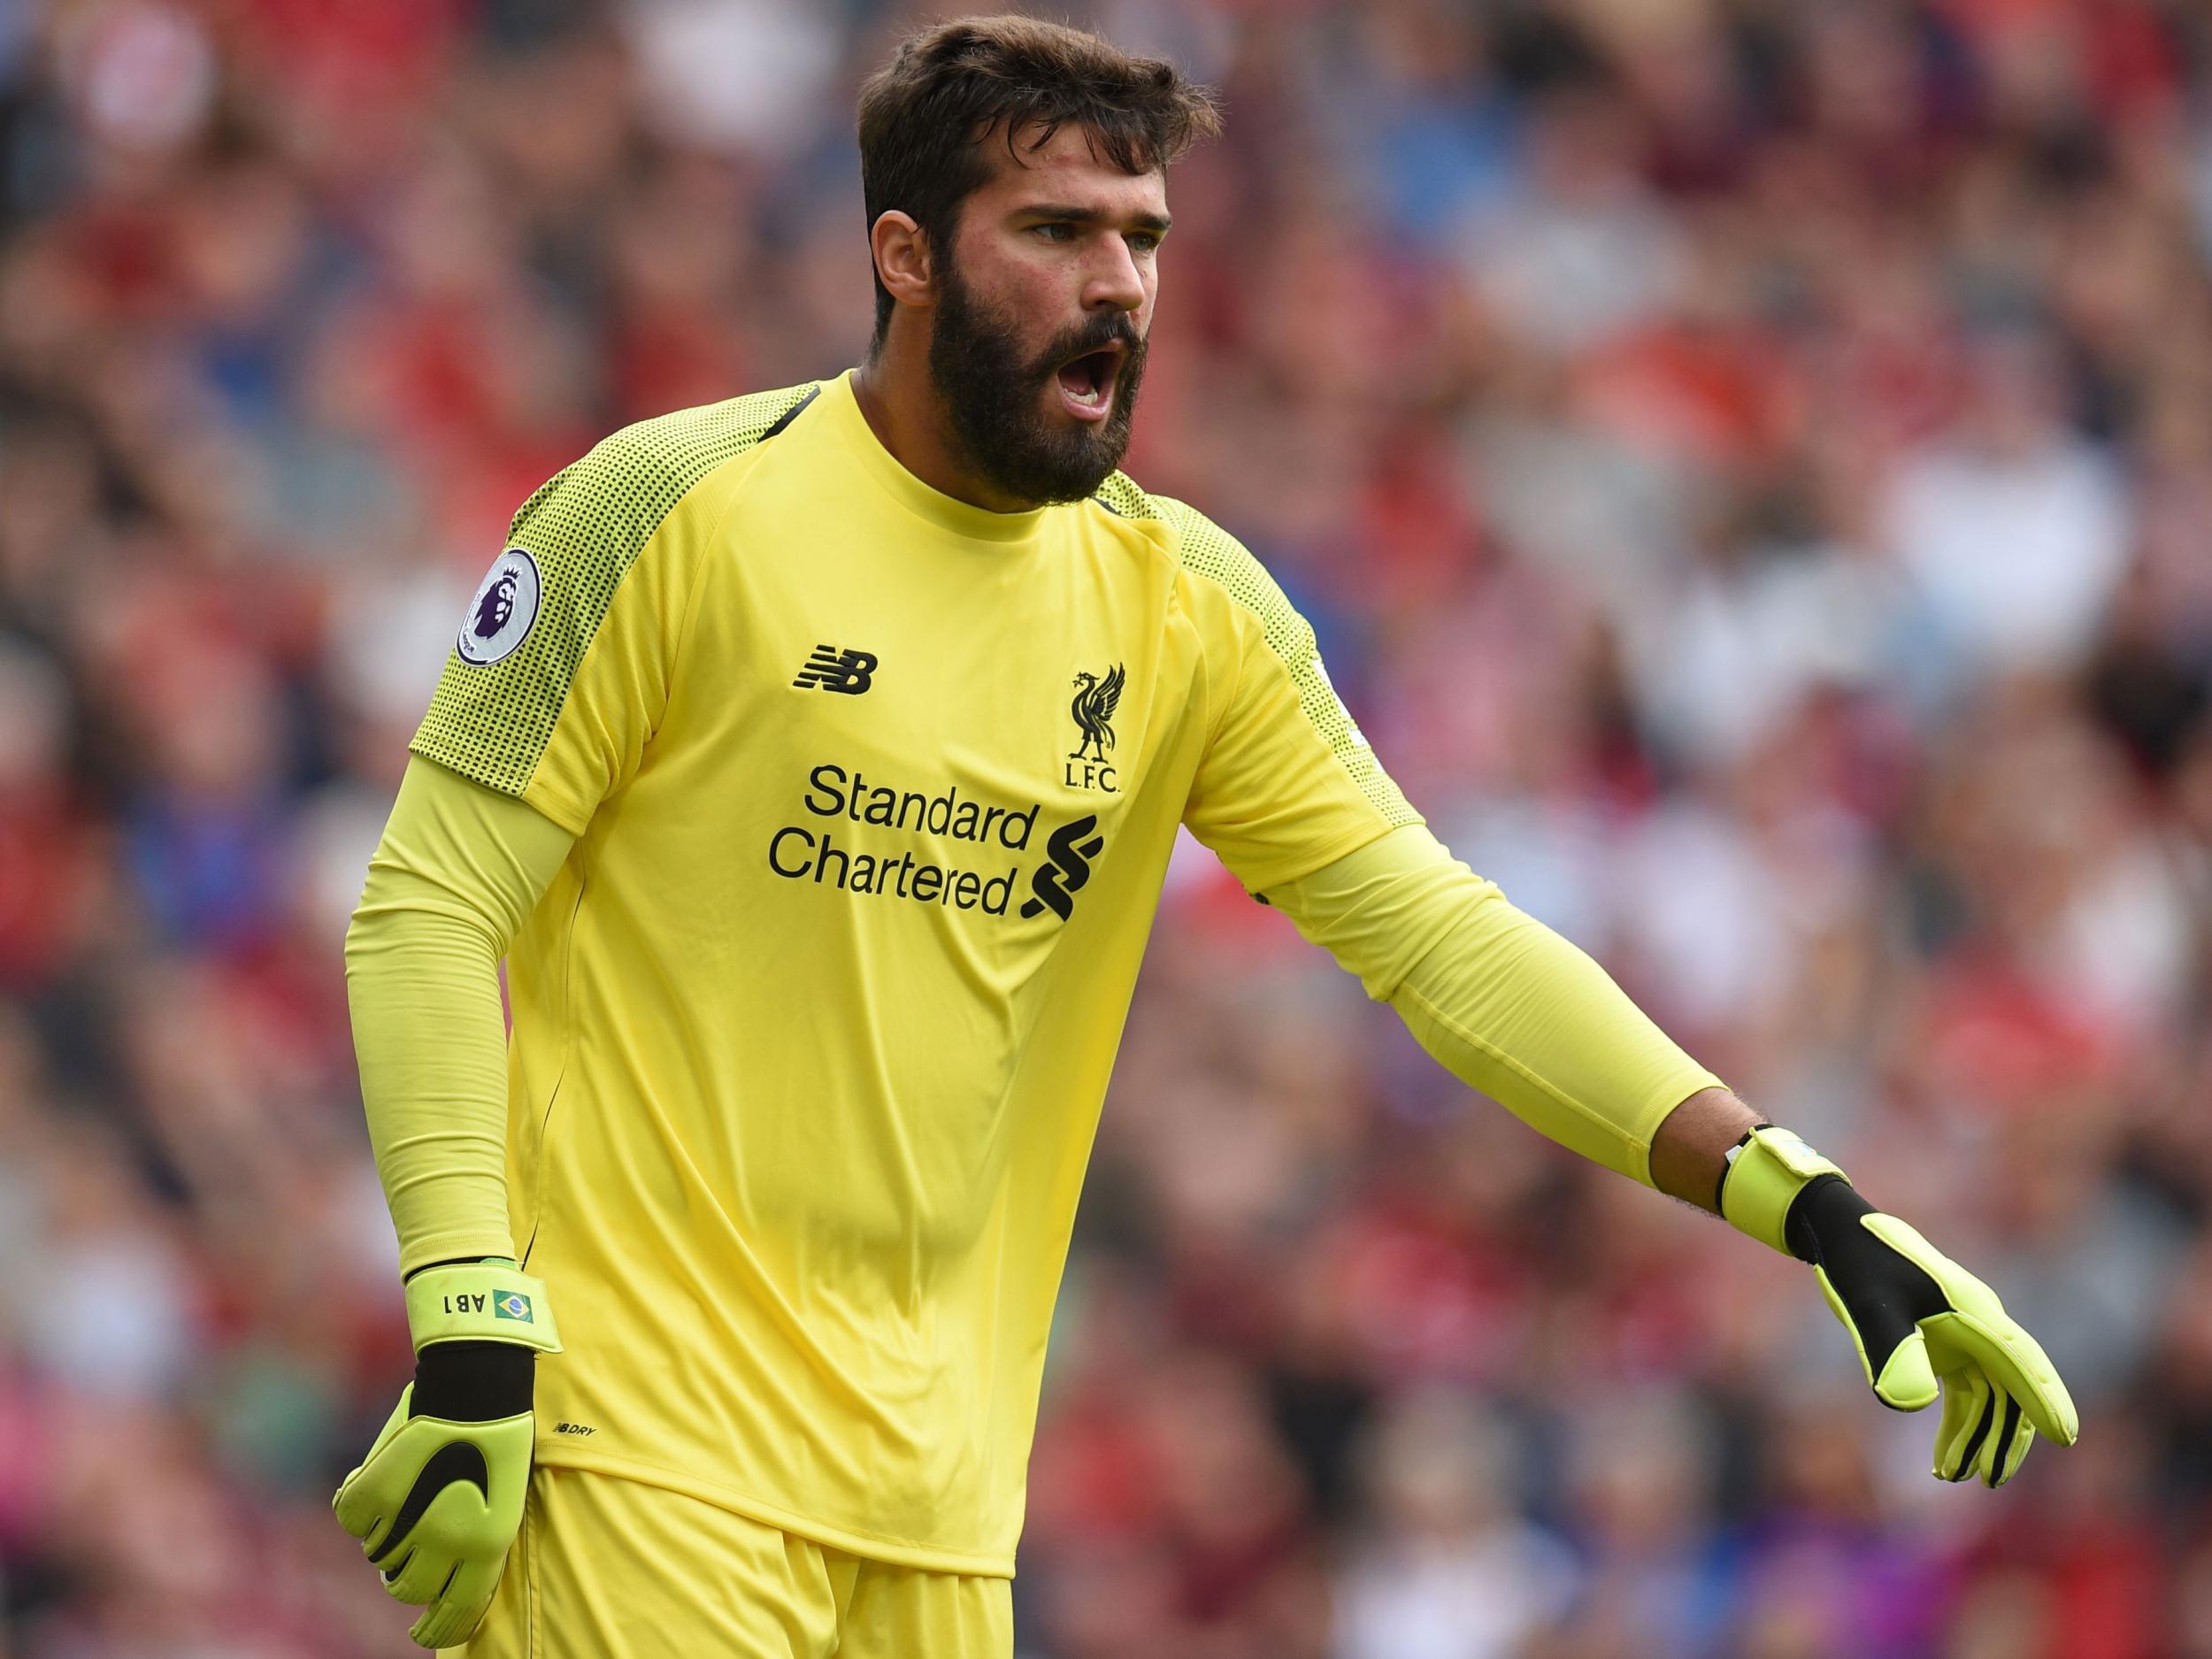 b1132b8d2a9 Manchester City vs Liverpool  Vincent Kompany insists result will ...